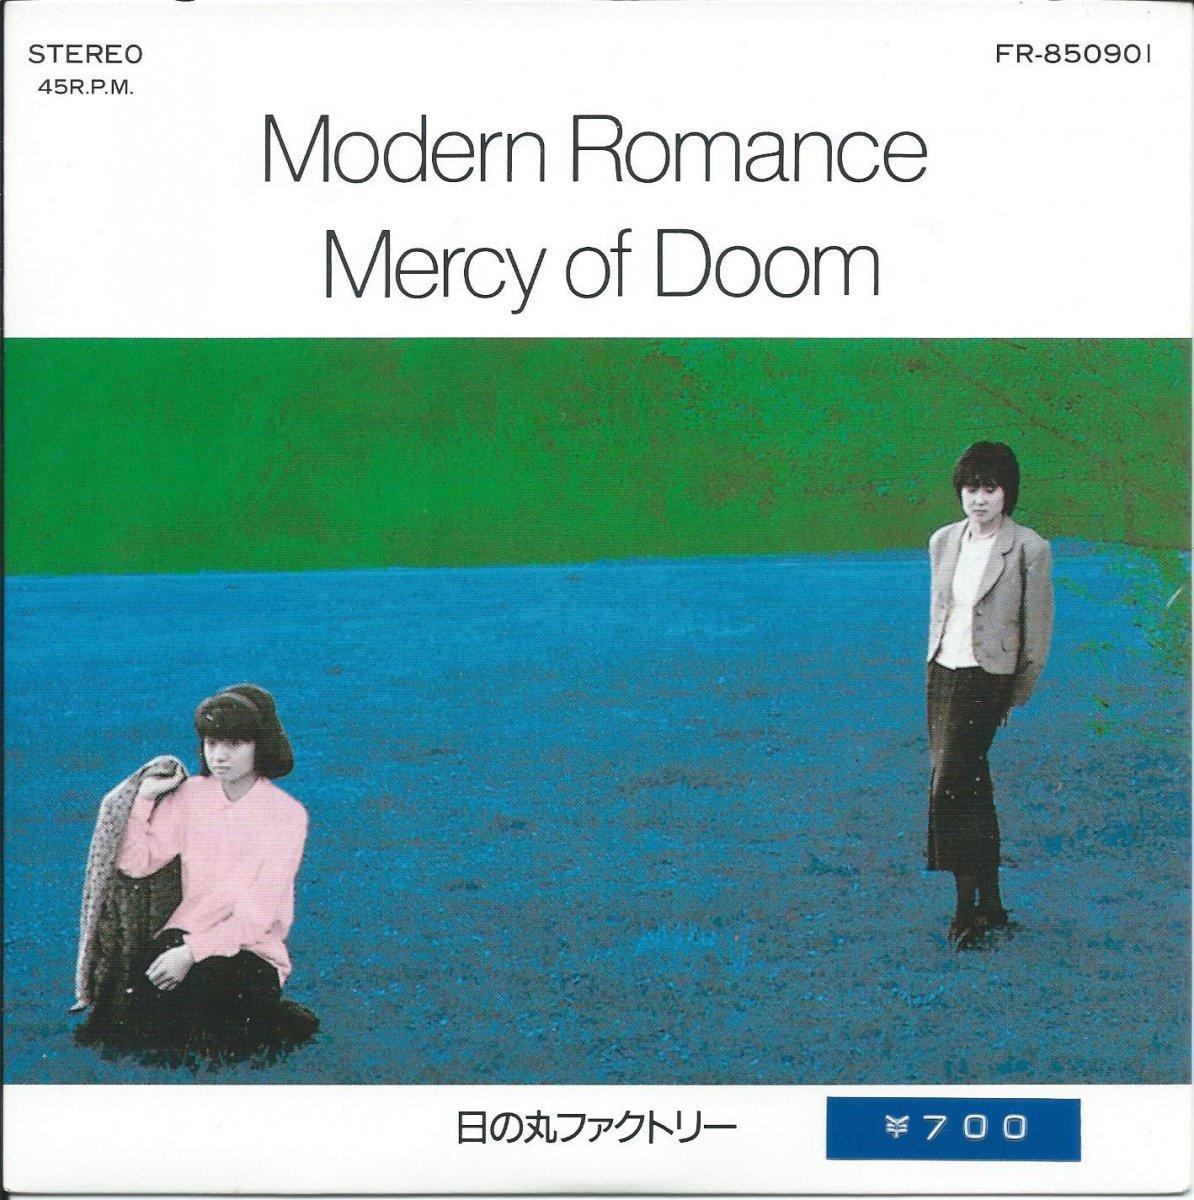 日の丸ファクトリー / MODERN ROMANCE / MERCY OF DOOM (DRUMS & MIXING PRODUCED BY 浦田賢一 EX サンハウス,SONHOUSE)(7